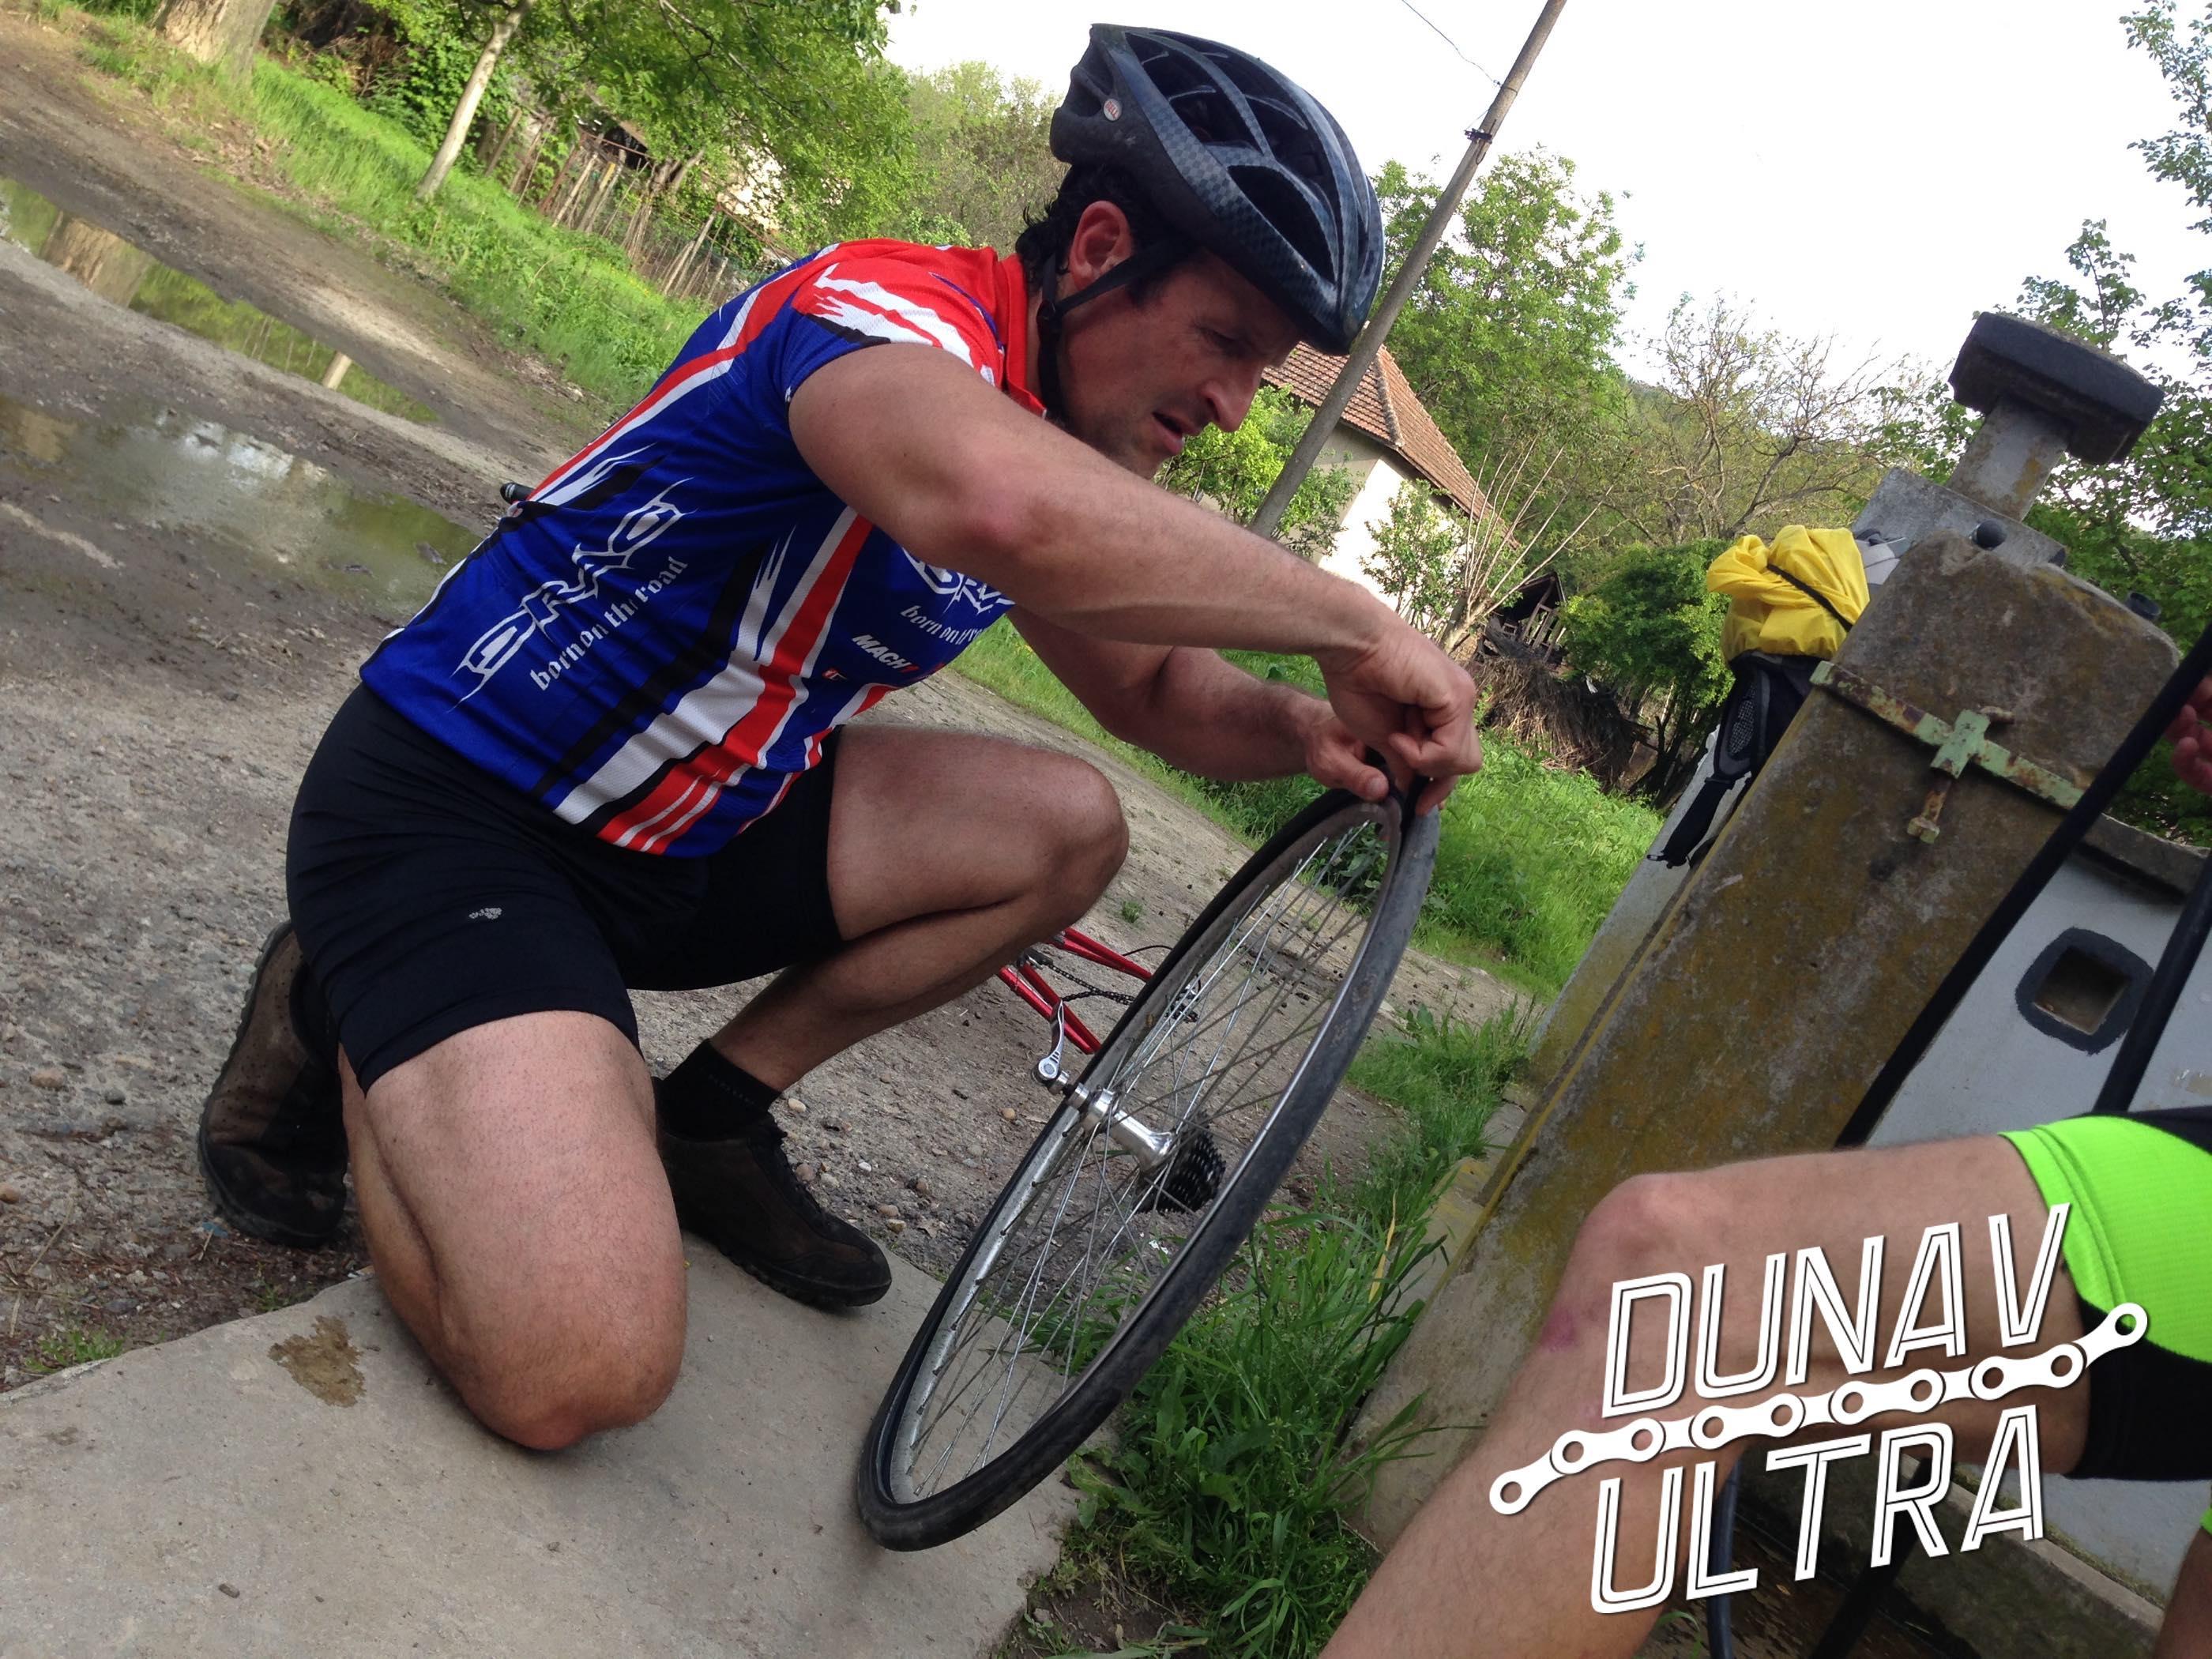 Dunav Ultra The Beginning